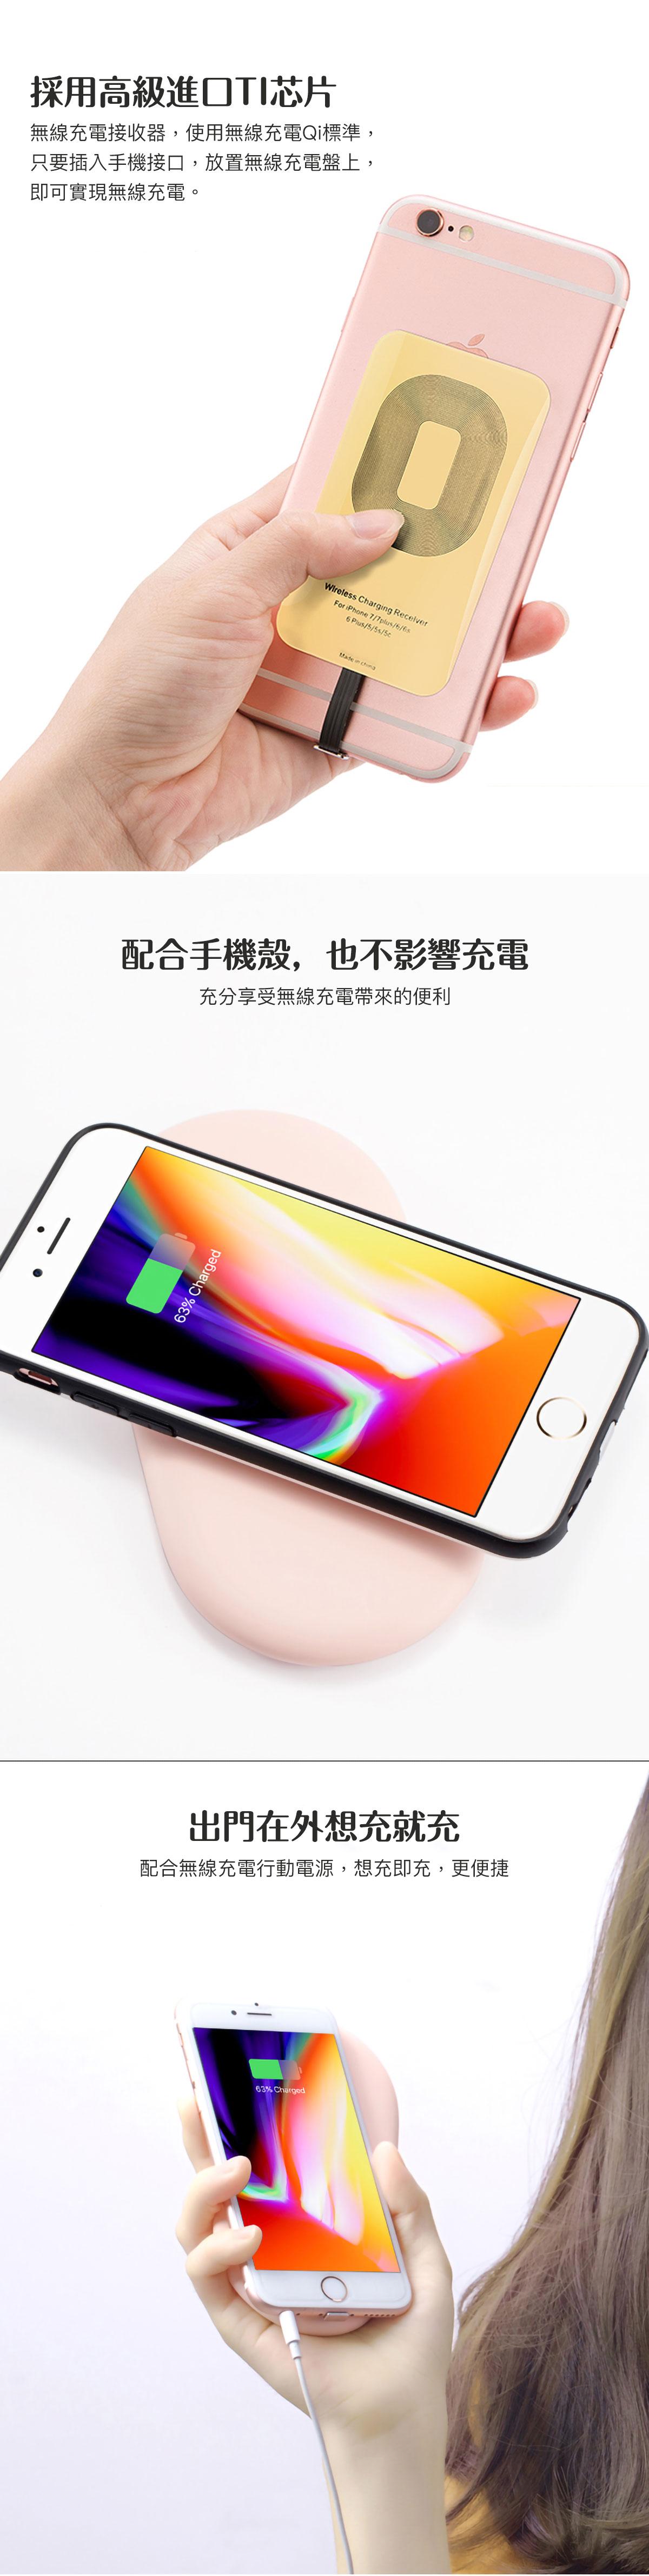 小米 無線 充電 器 20w 快 充 版 iphone